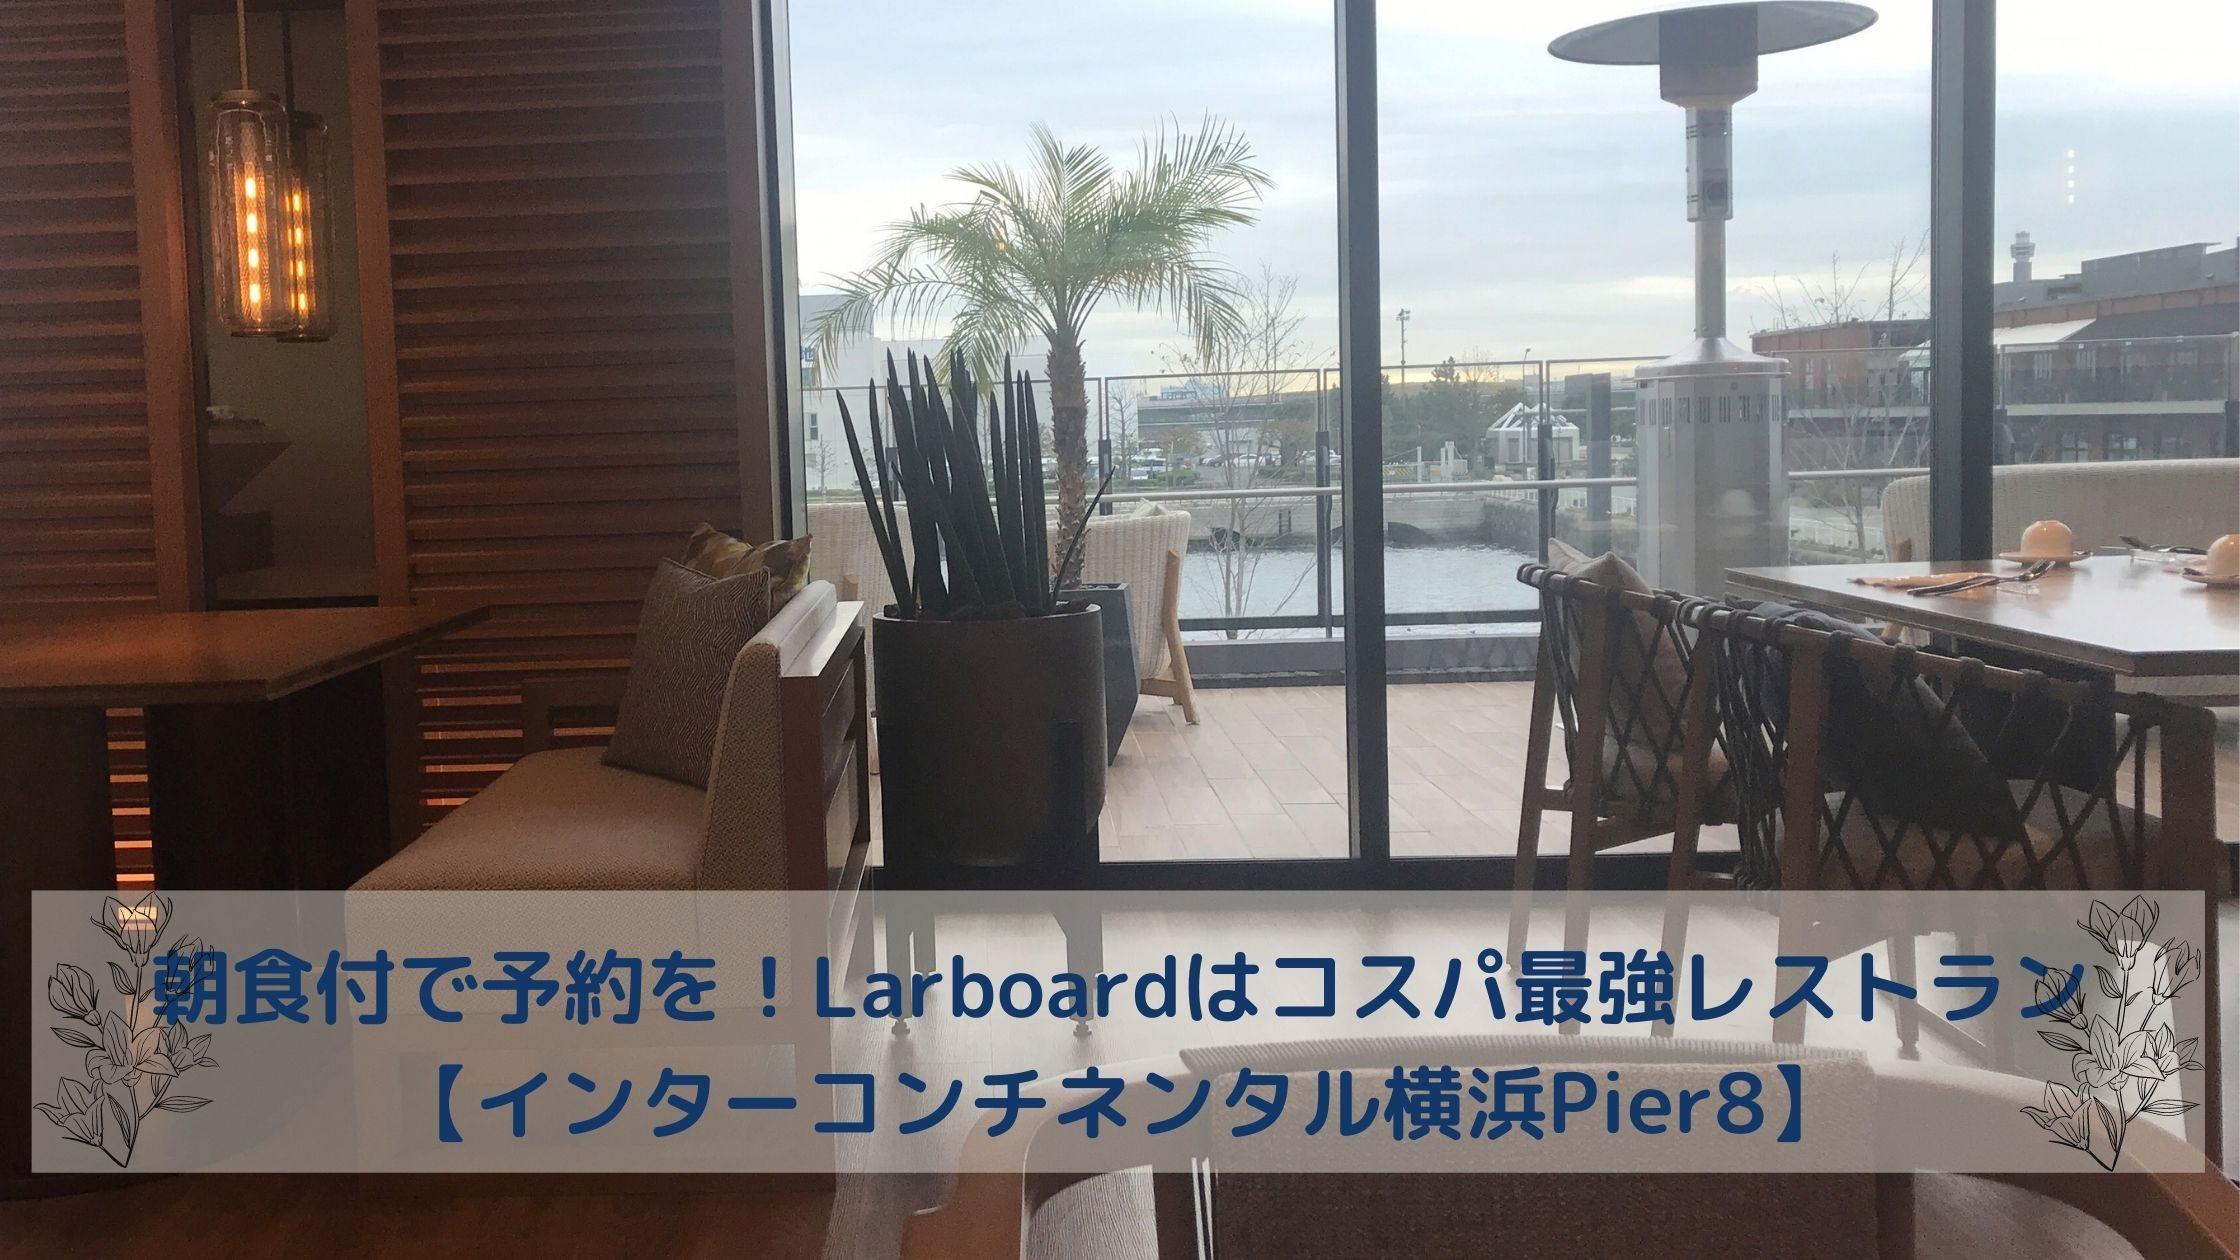 Larboard インターコンチネンタル 朝食